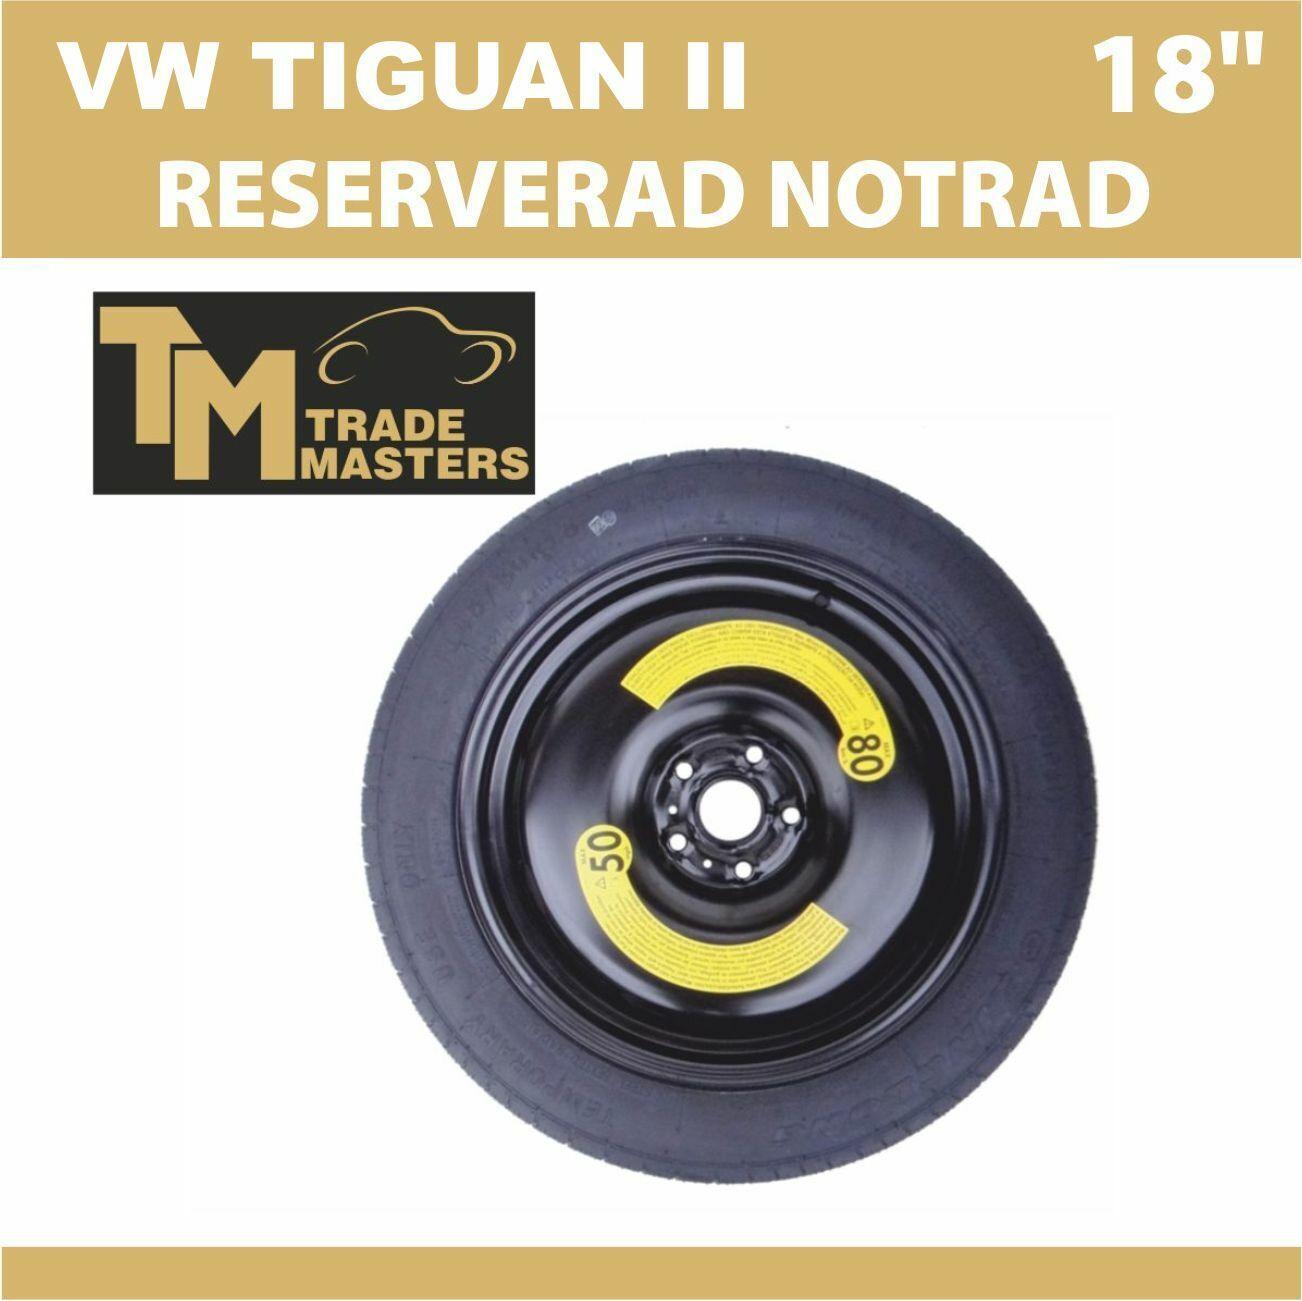 original vw tiguan notrad reserverad ersatzrad